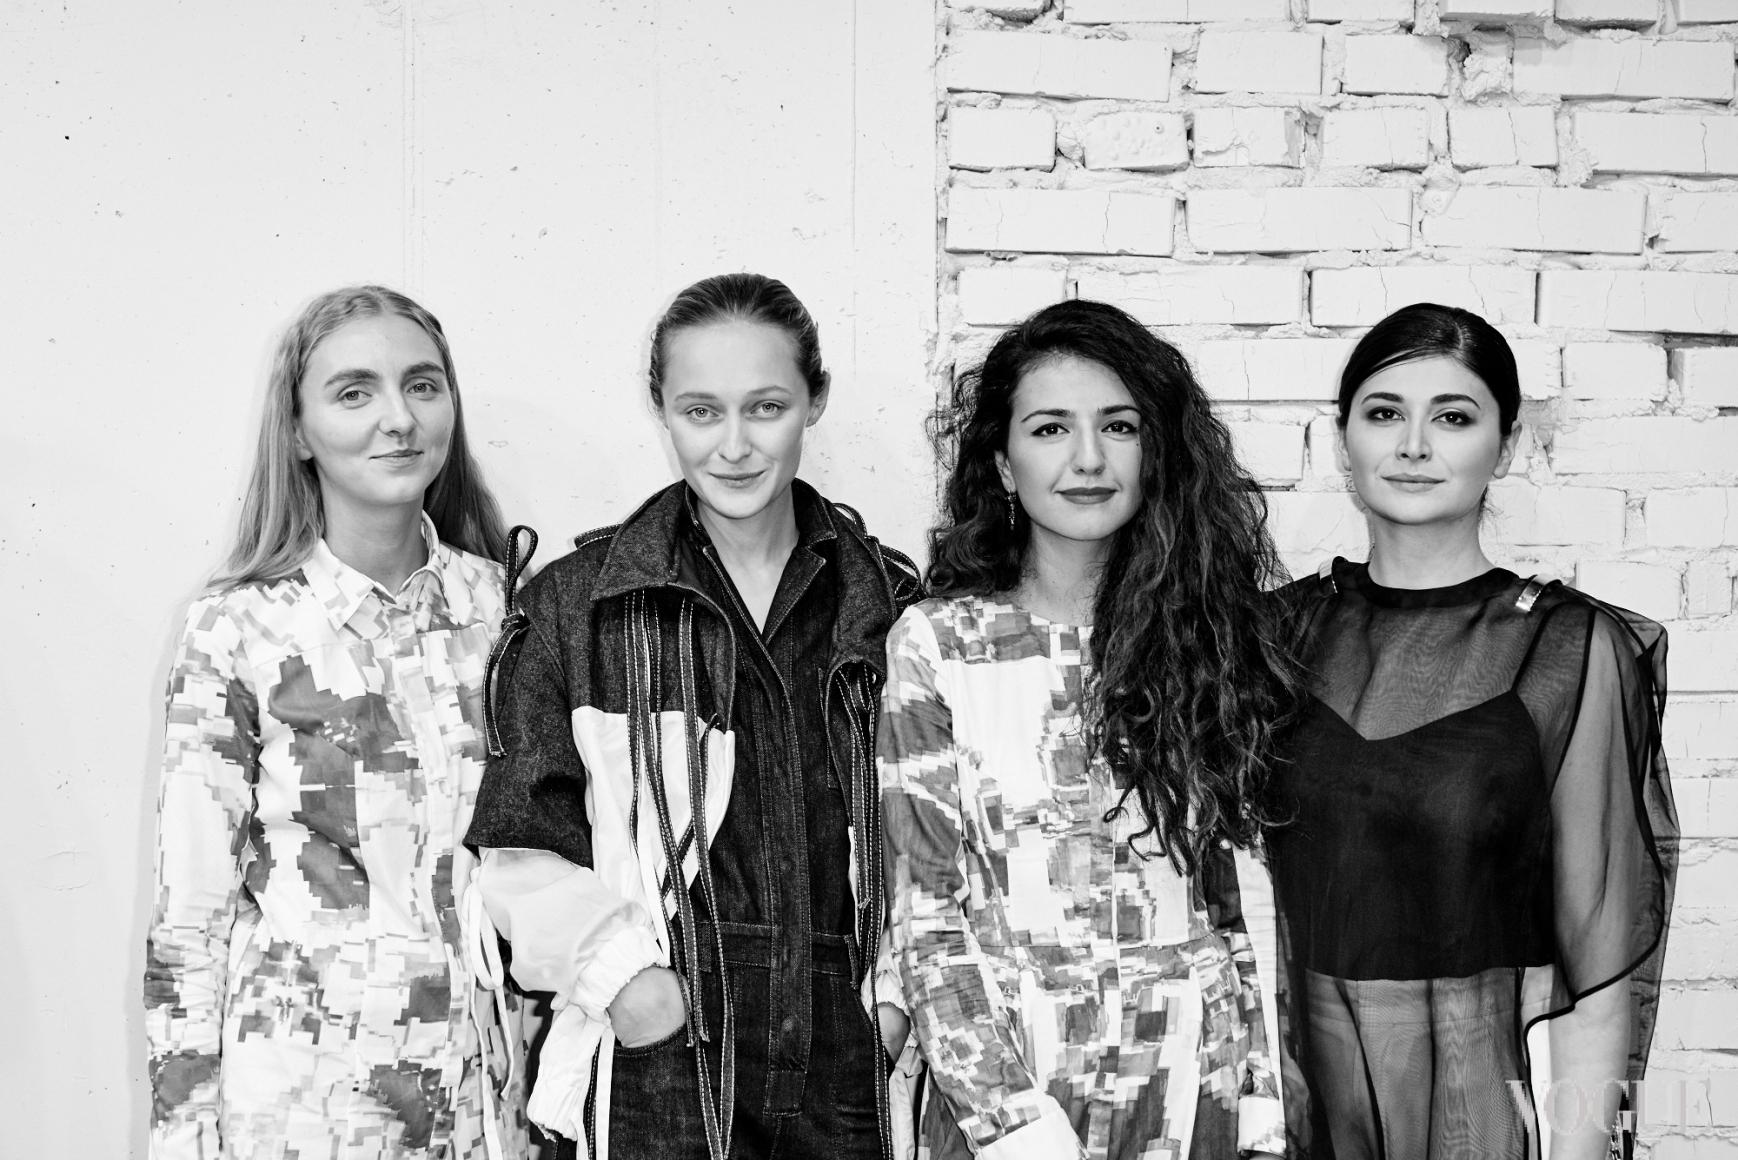 Ксения Шнайдер, Дарья Шаповалова, Софи Вилли, Нина Васадзе